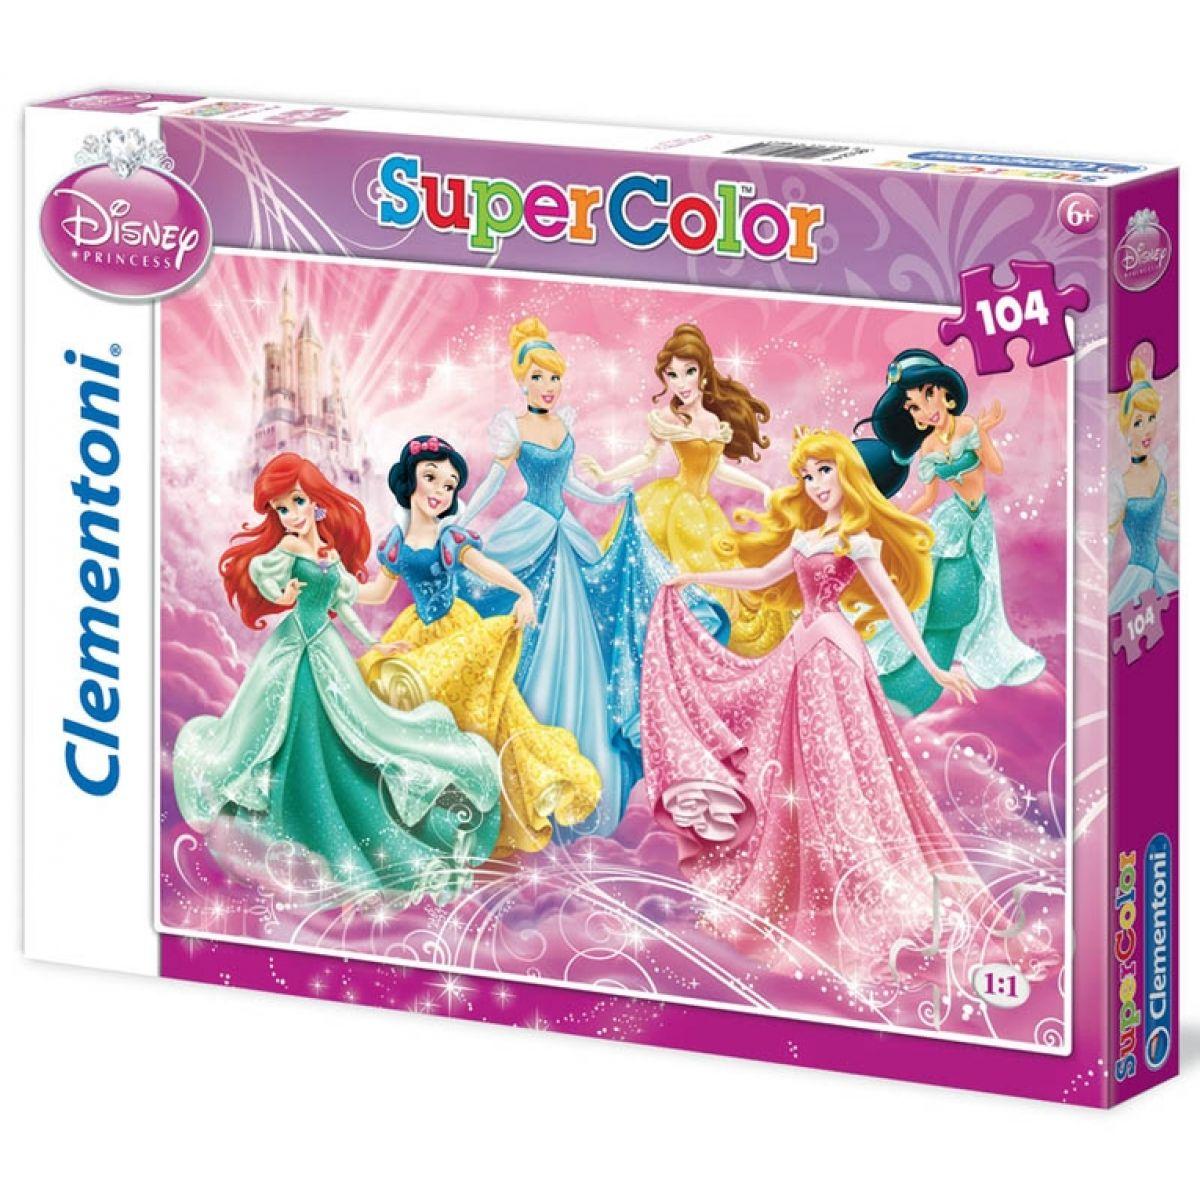 Clementoni Puzzle Supercolor Princezny 104d